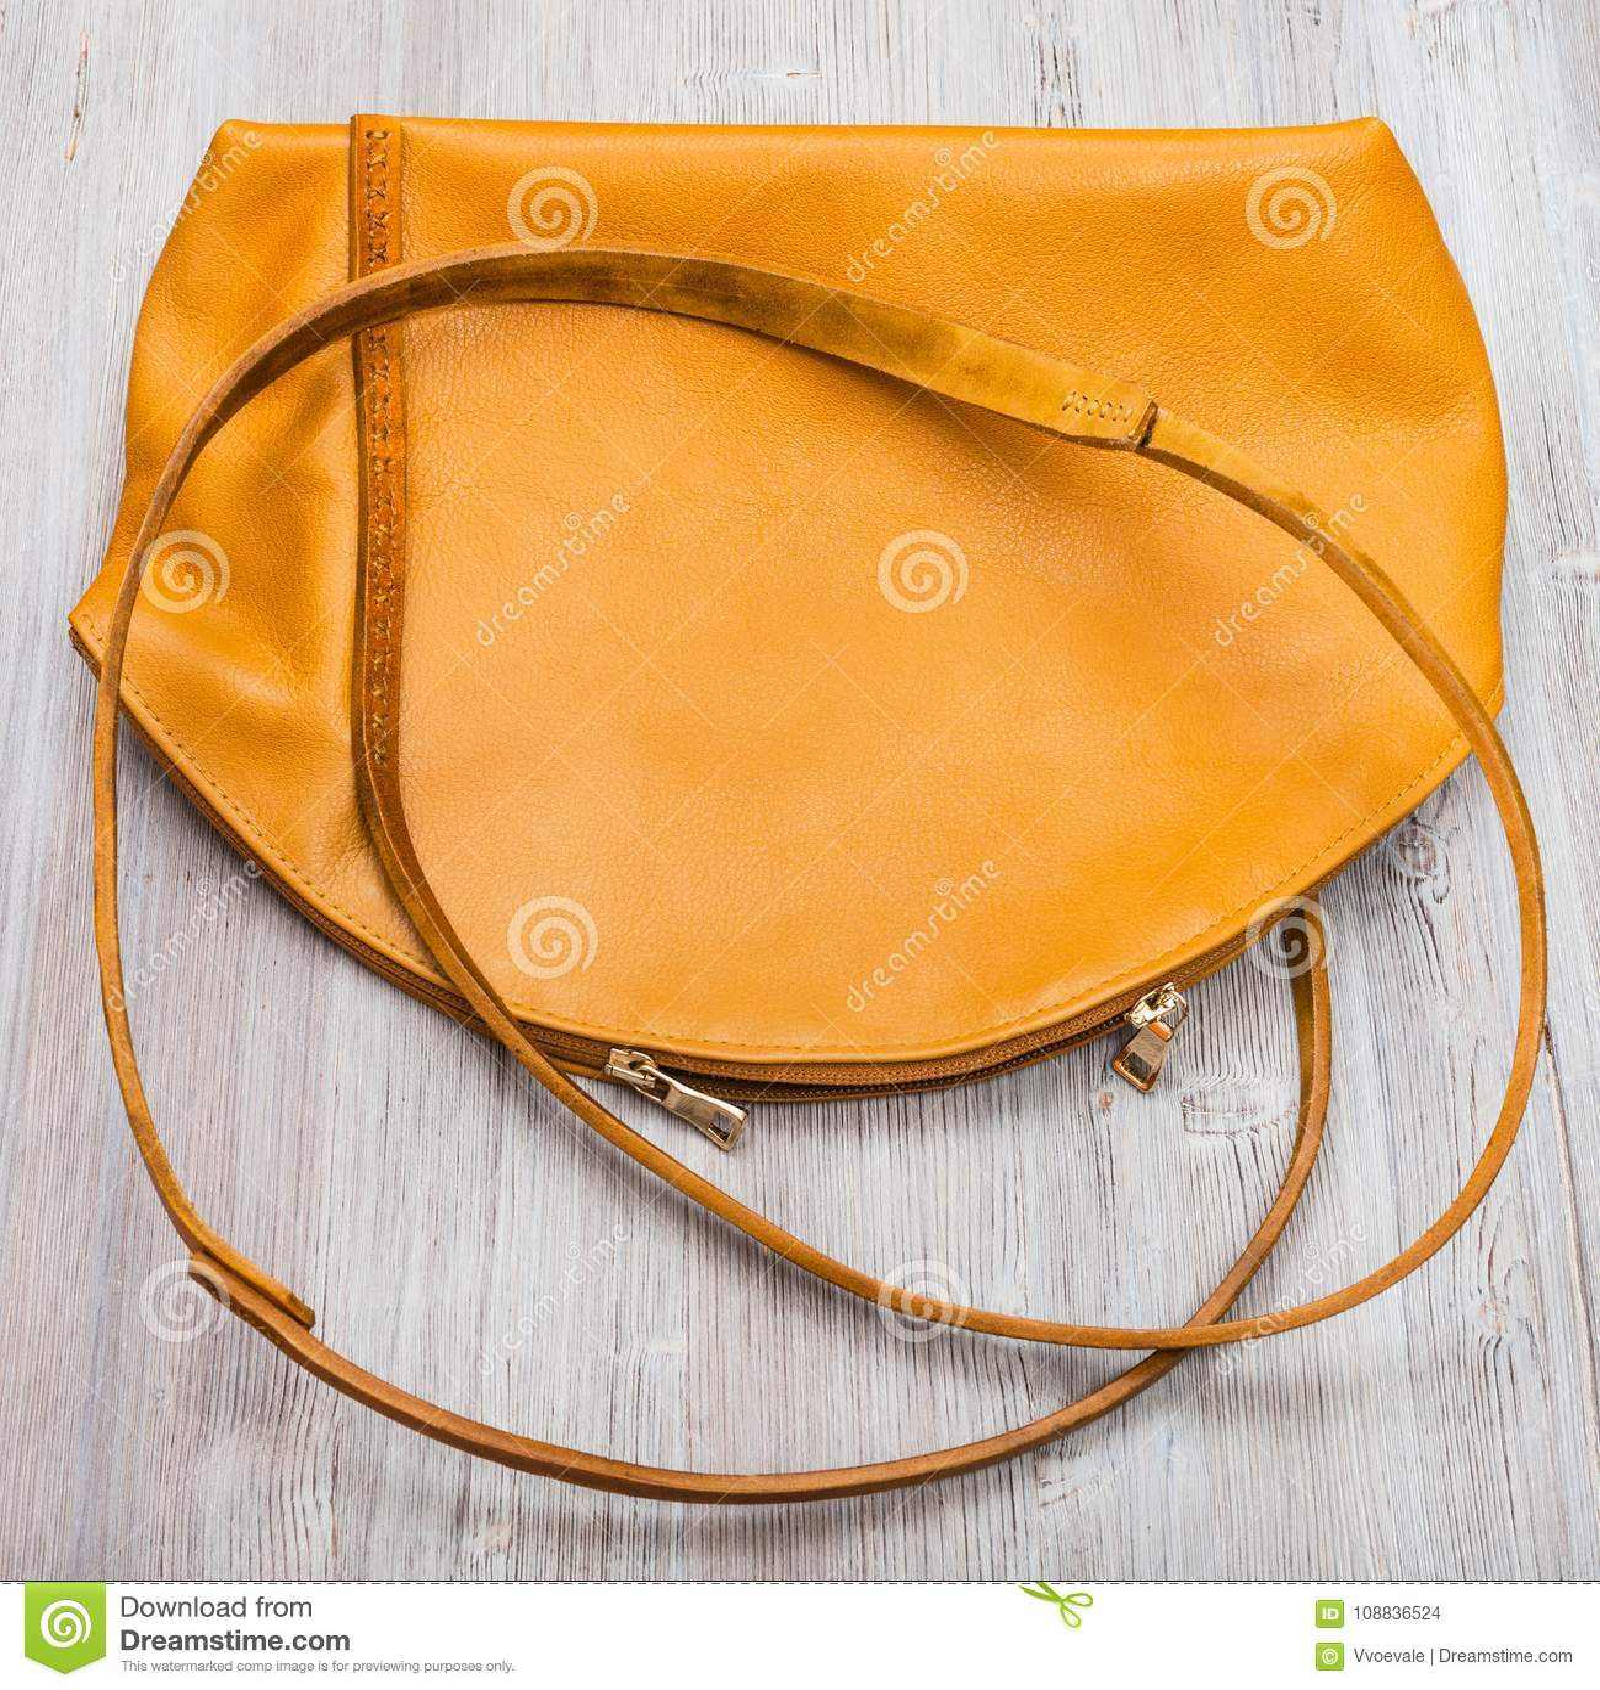 0d4d6eb6b lado-trasero-del-bolso-de-cuero-amarillo-hecho-mano-108836524.jpg